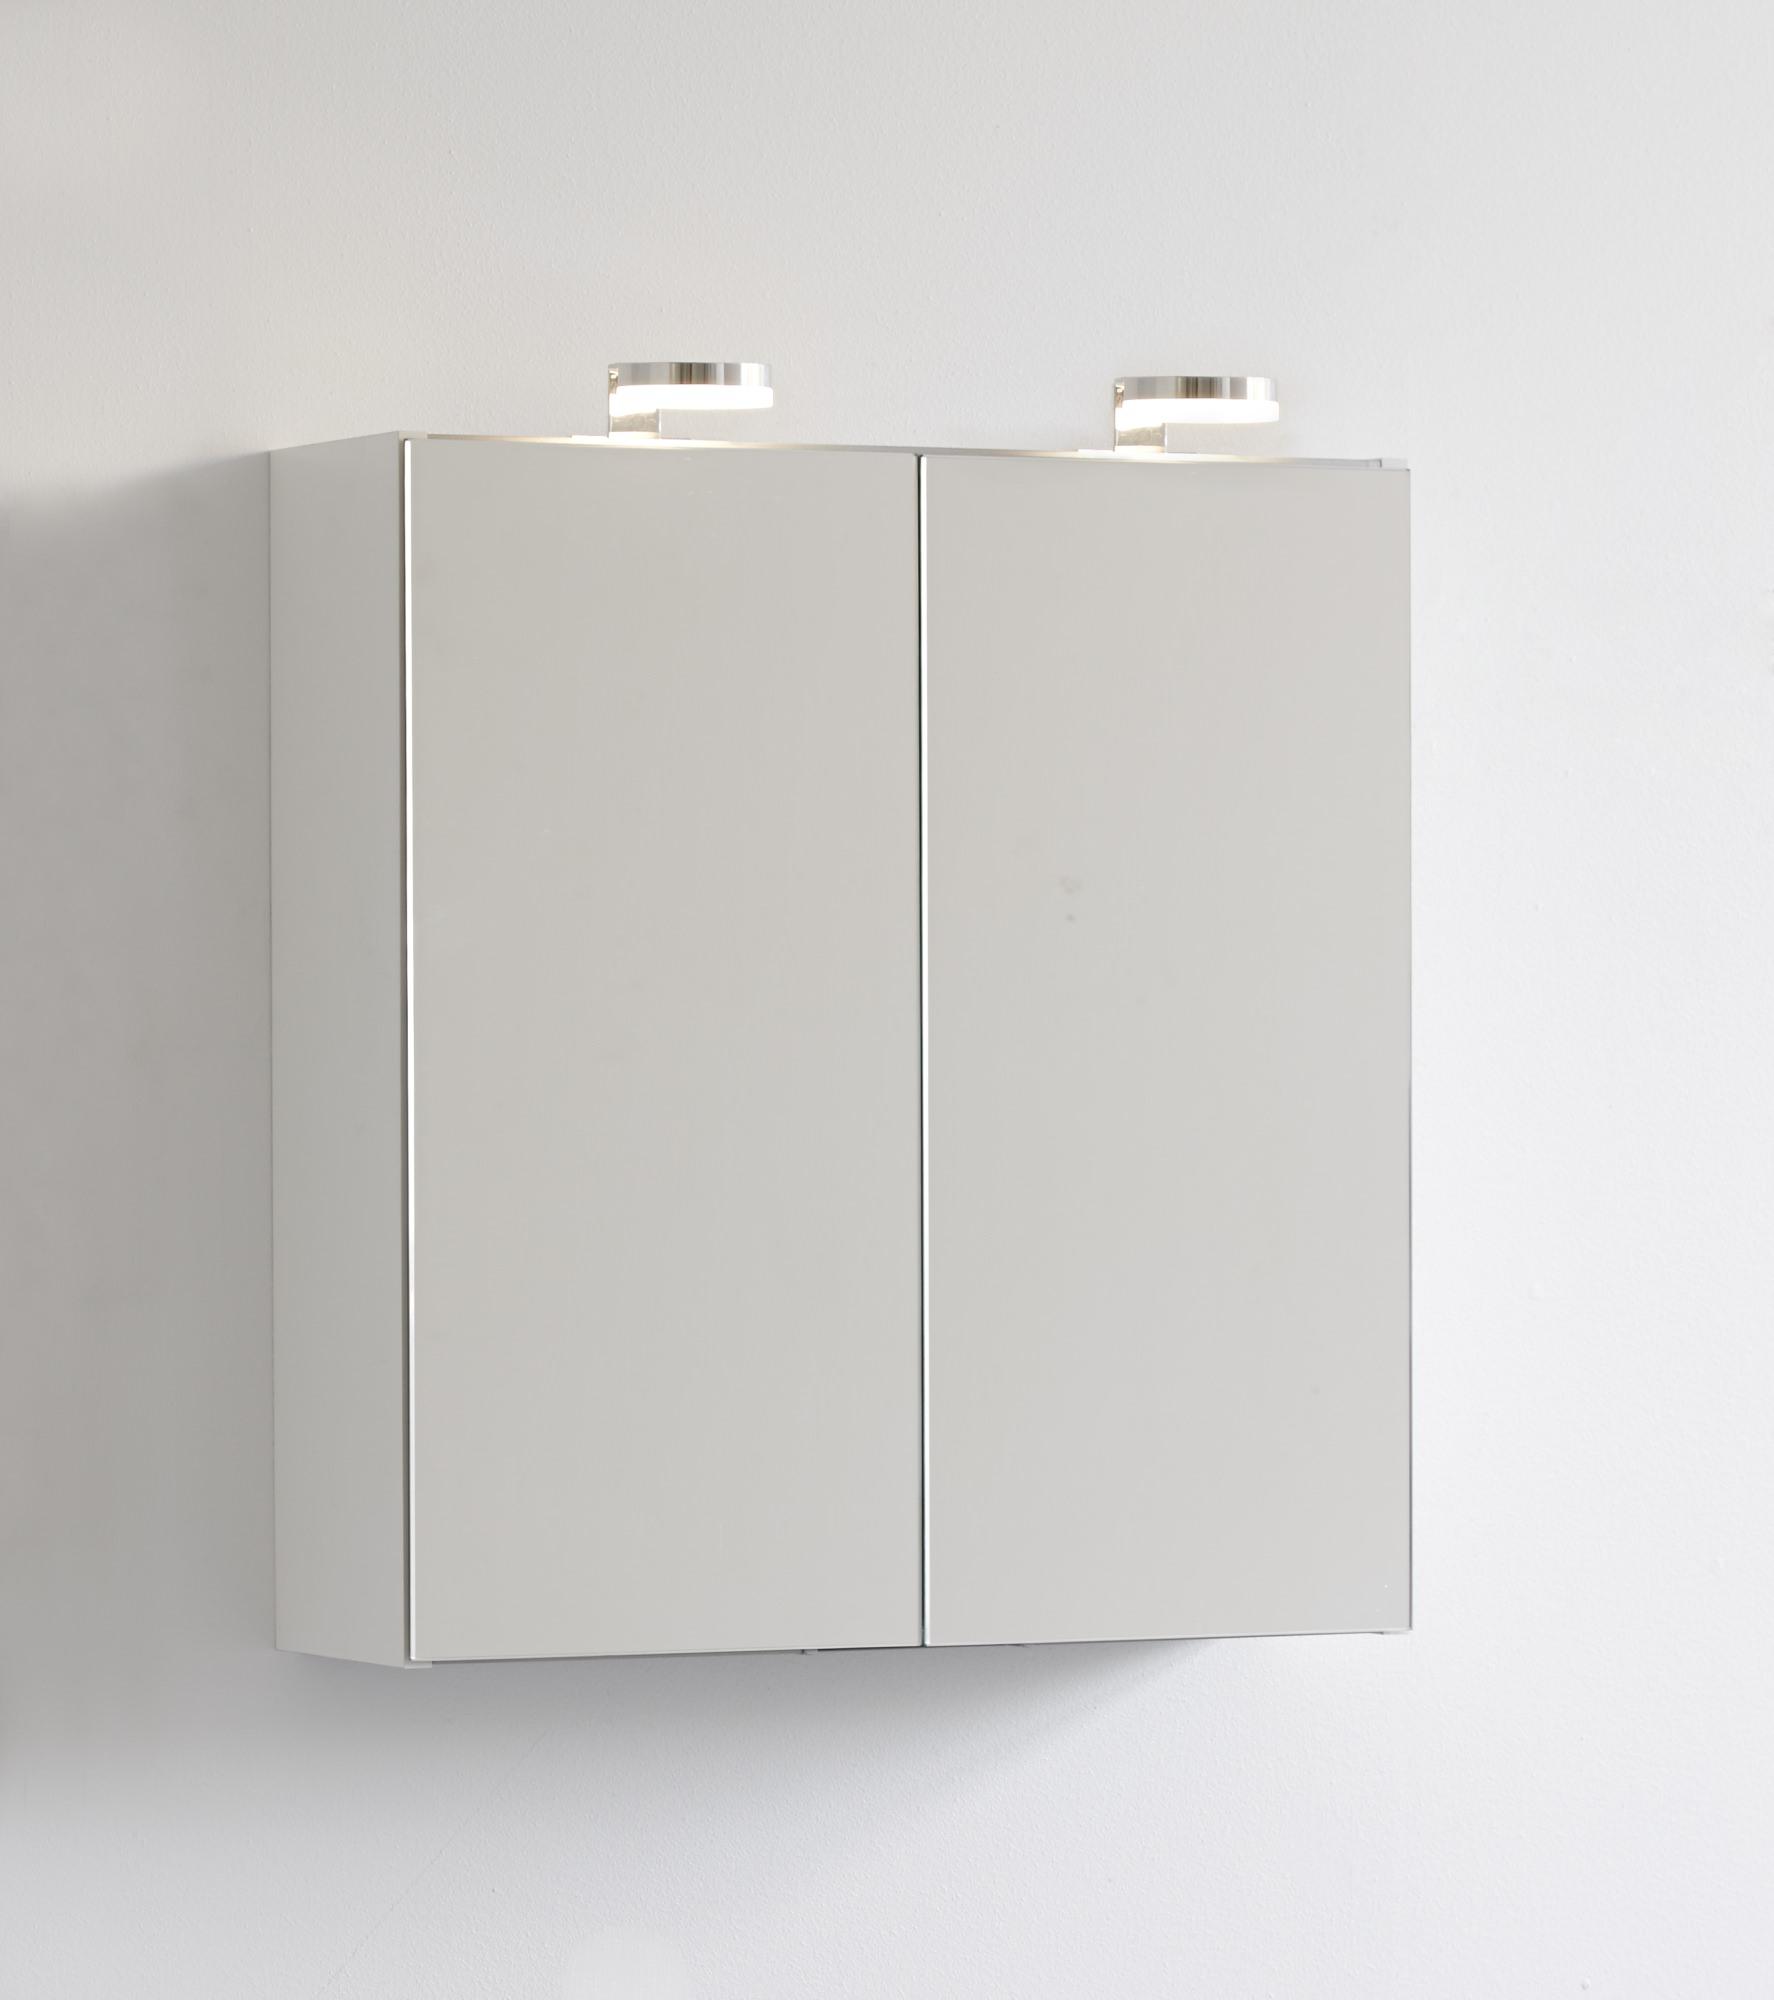 Scanbad Multo Spiegelschrank Ohne Beleuchtung 60cm X 64cm Weiß